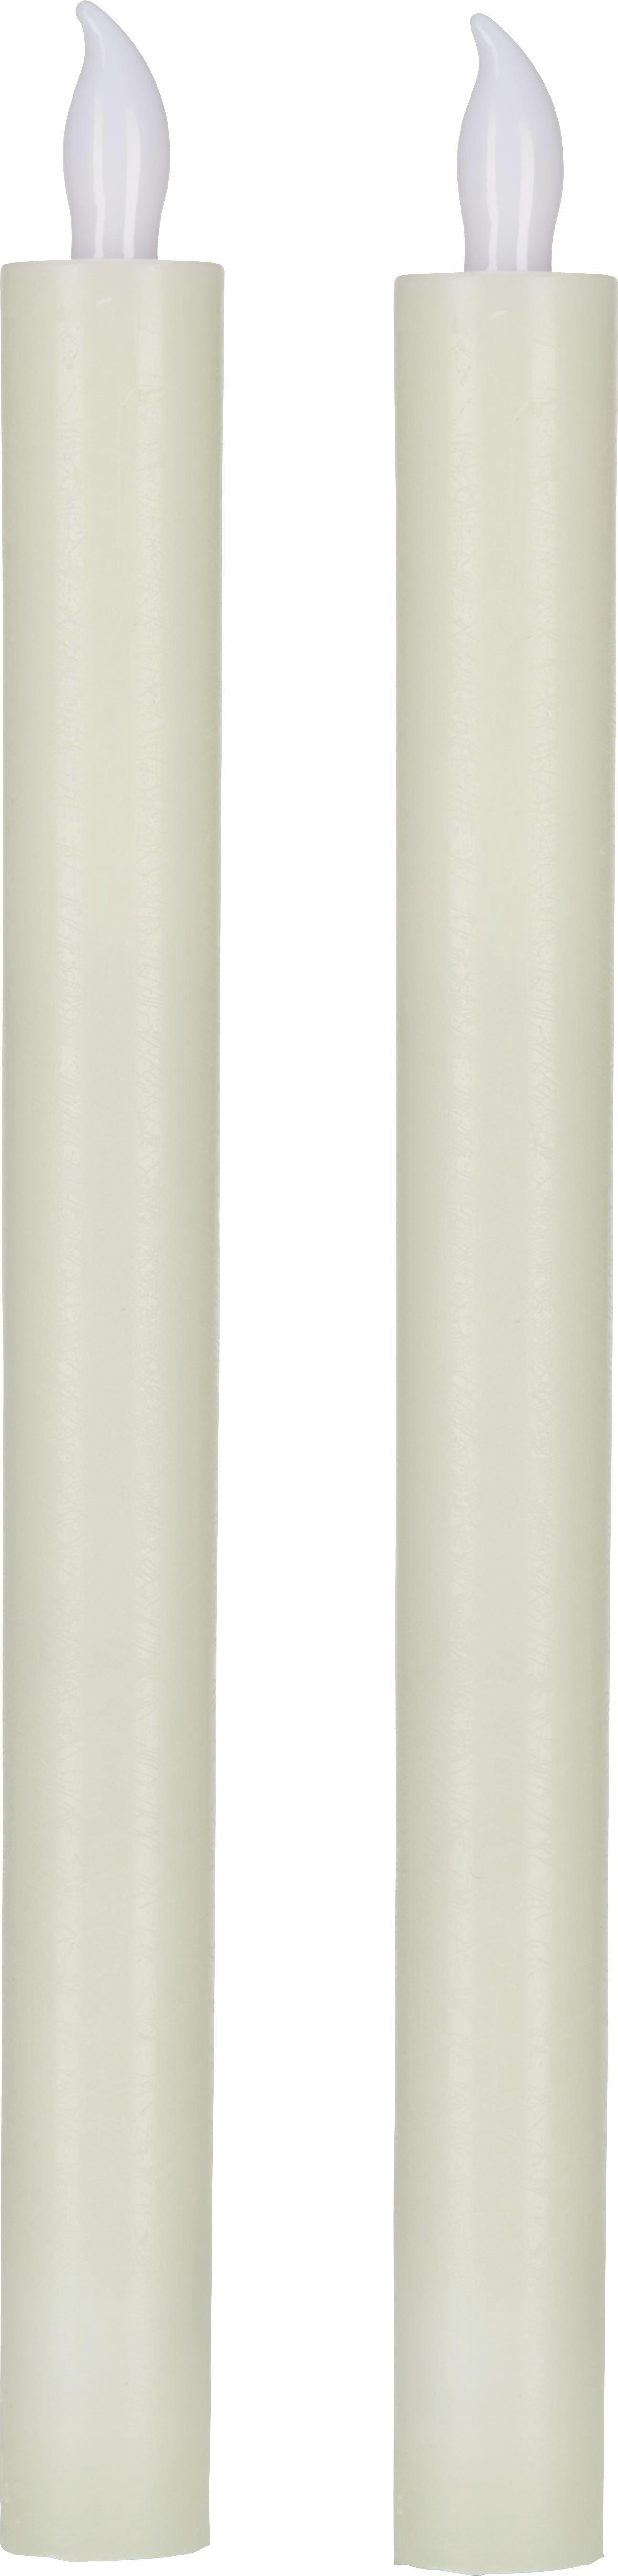 Stabkerze Emma in Creme inkl. Led - Creme (2/24,5cm) - MÖMAX modern living